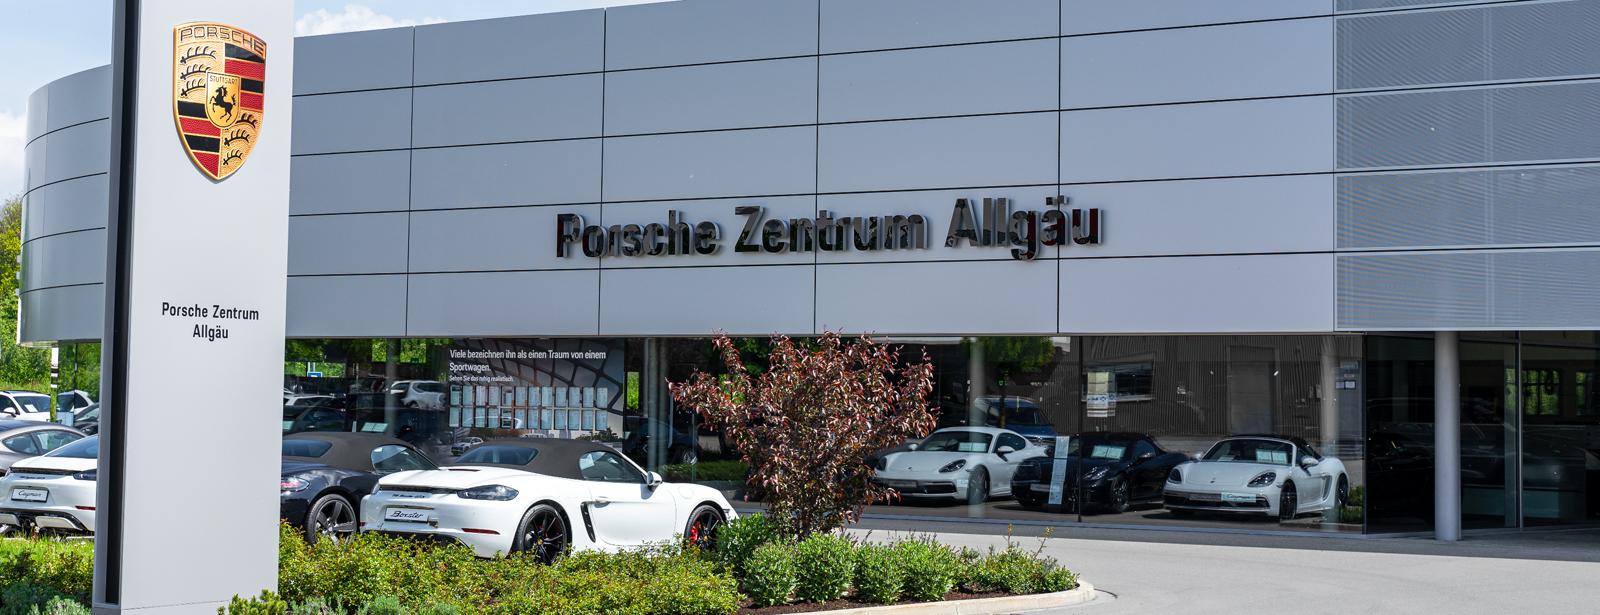 Porsche Center Allgäu